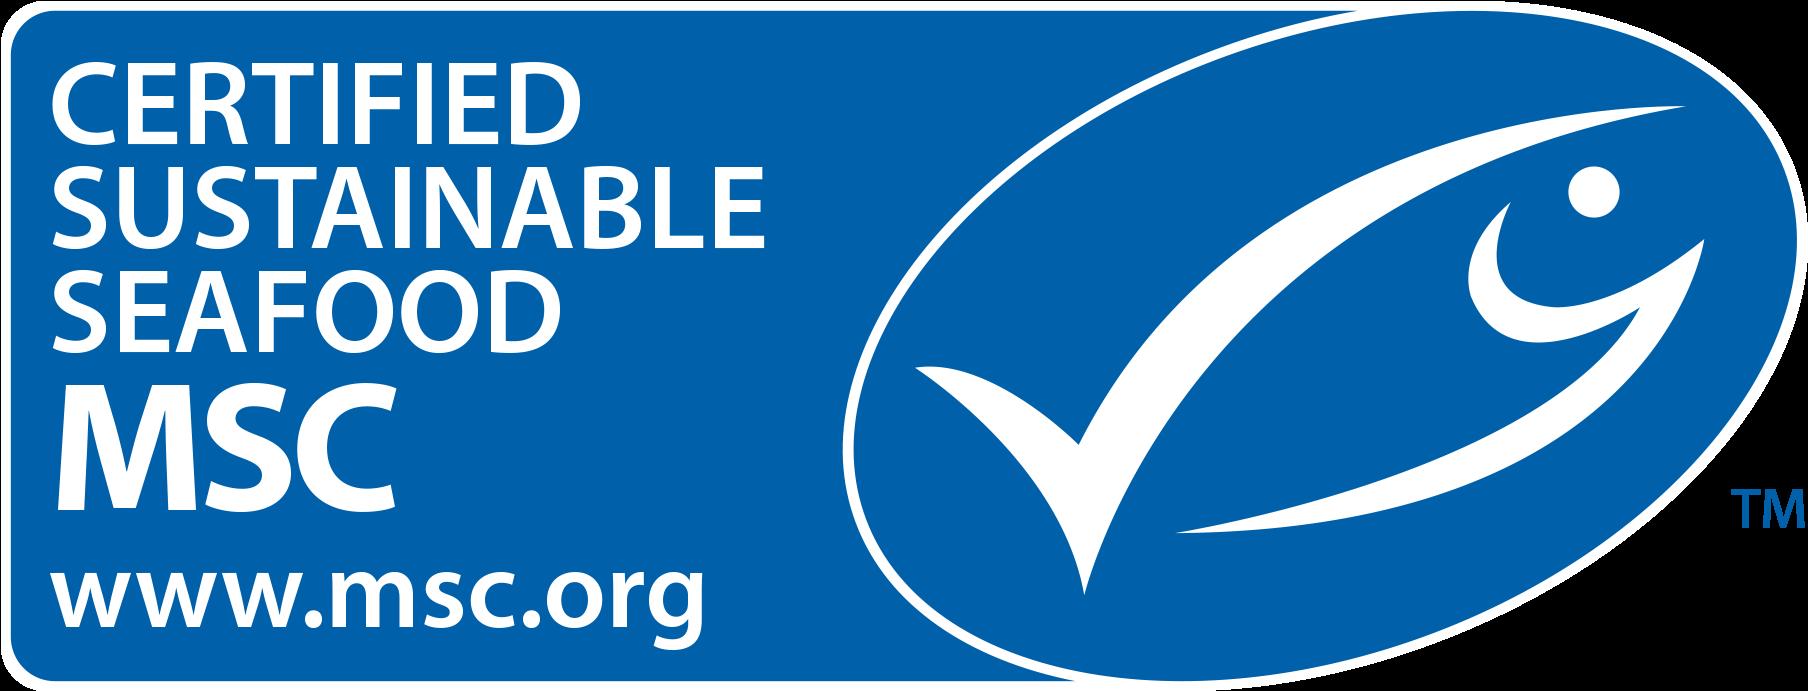 MSC-Certified Label